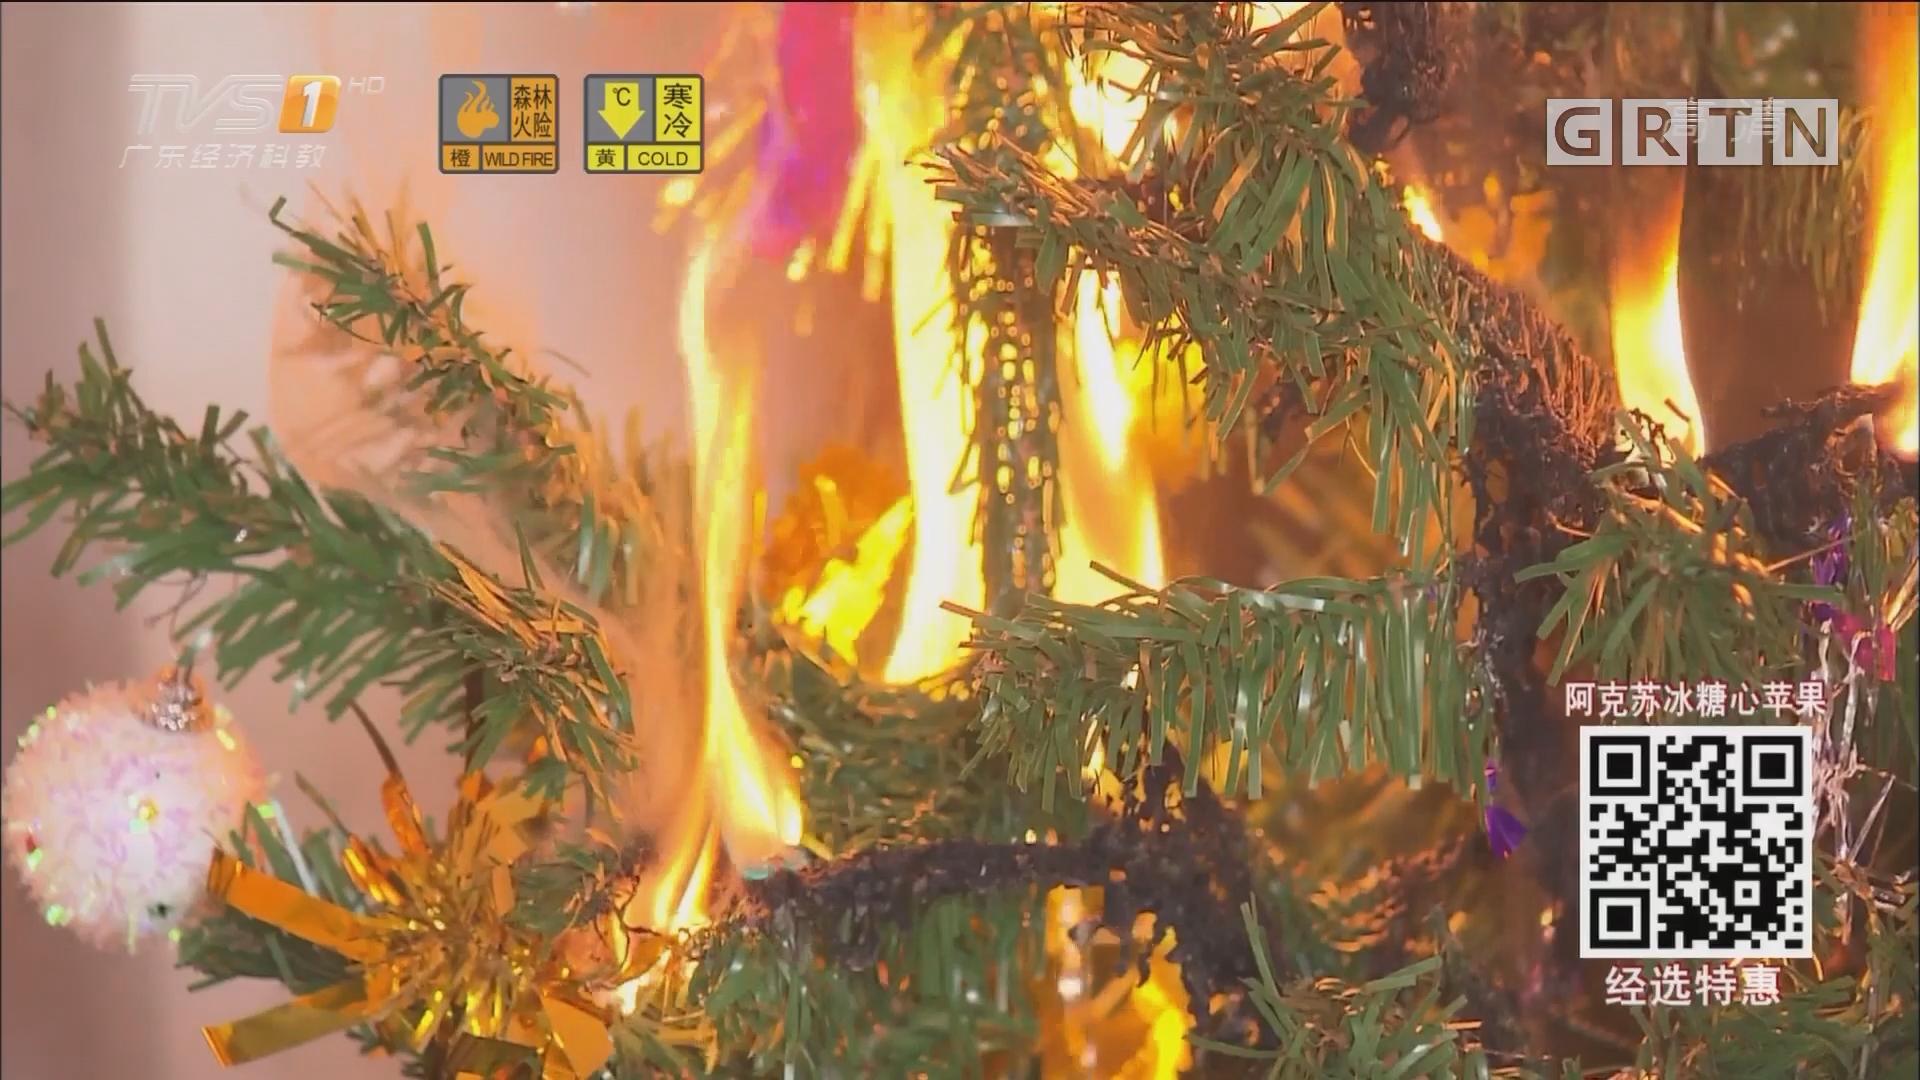 消费实验室:圣诞树易燃 两分钟烧完